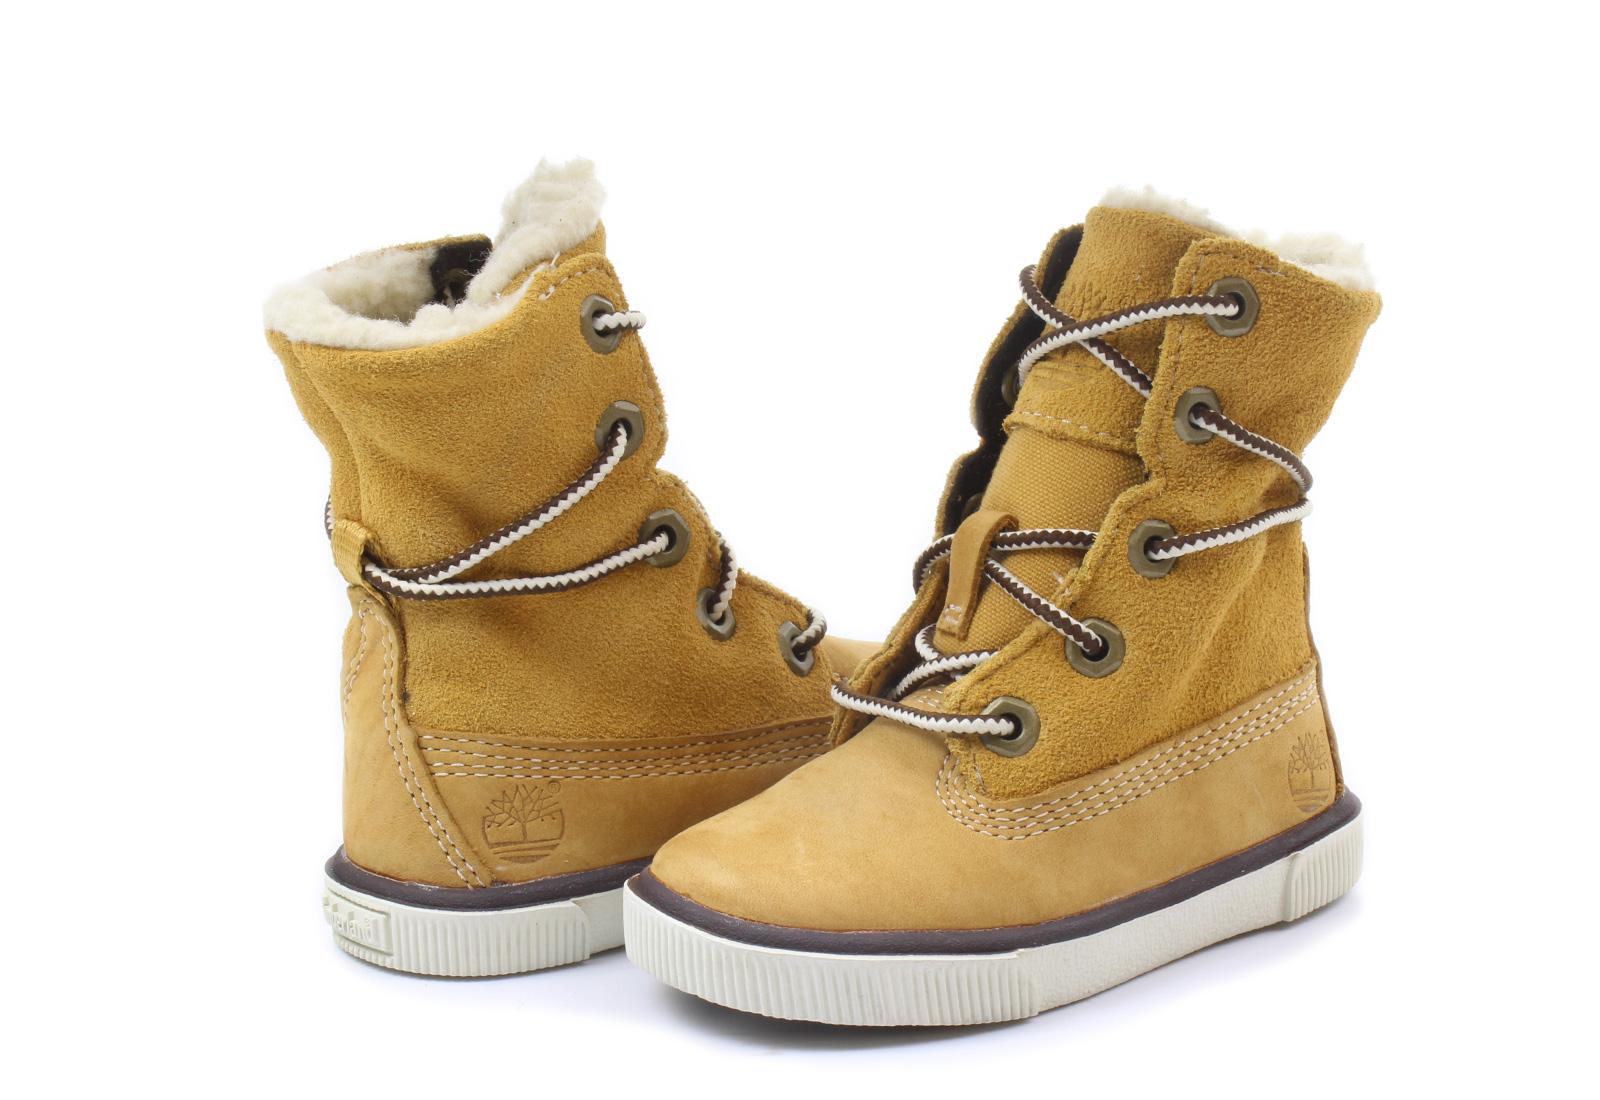 rabbetedh.ga - Dámska obuv, pánske topánky, detská obuv. Doručenie zdarma.